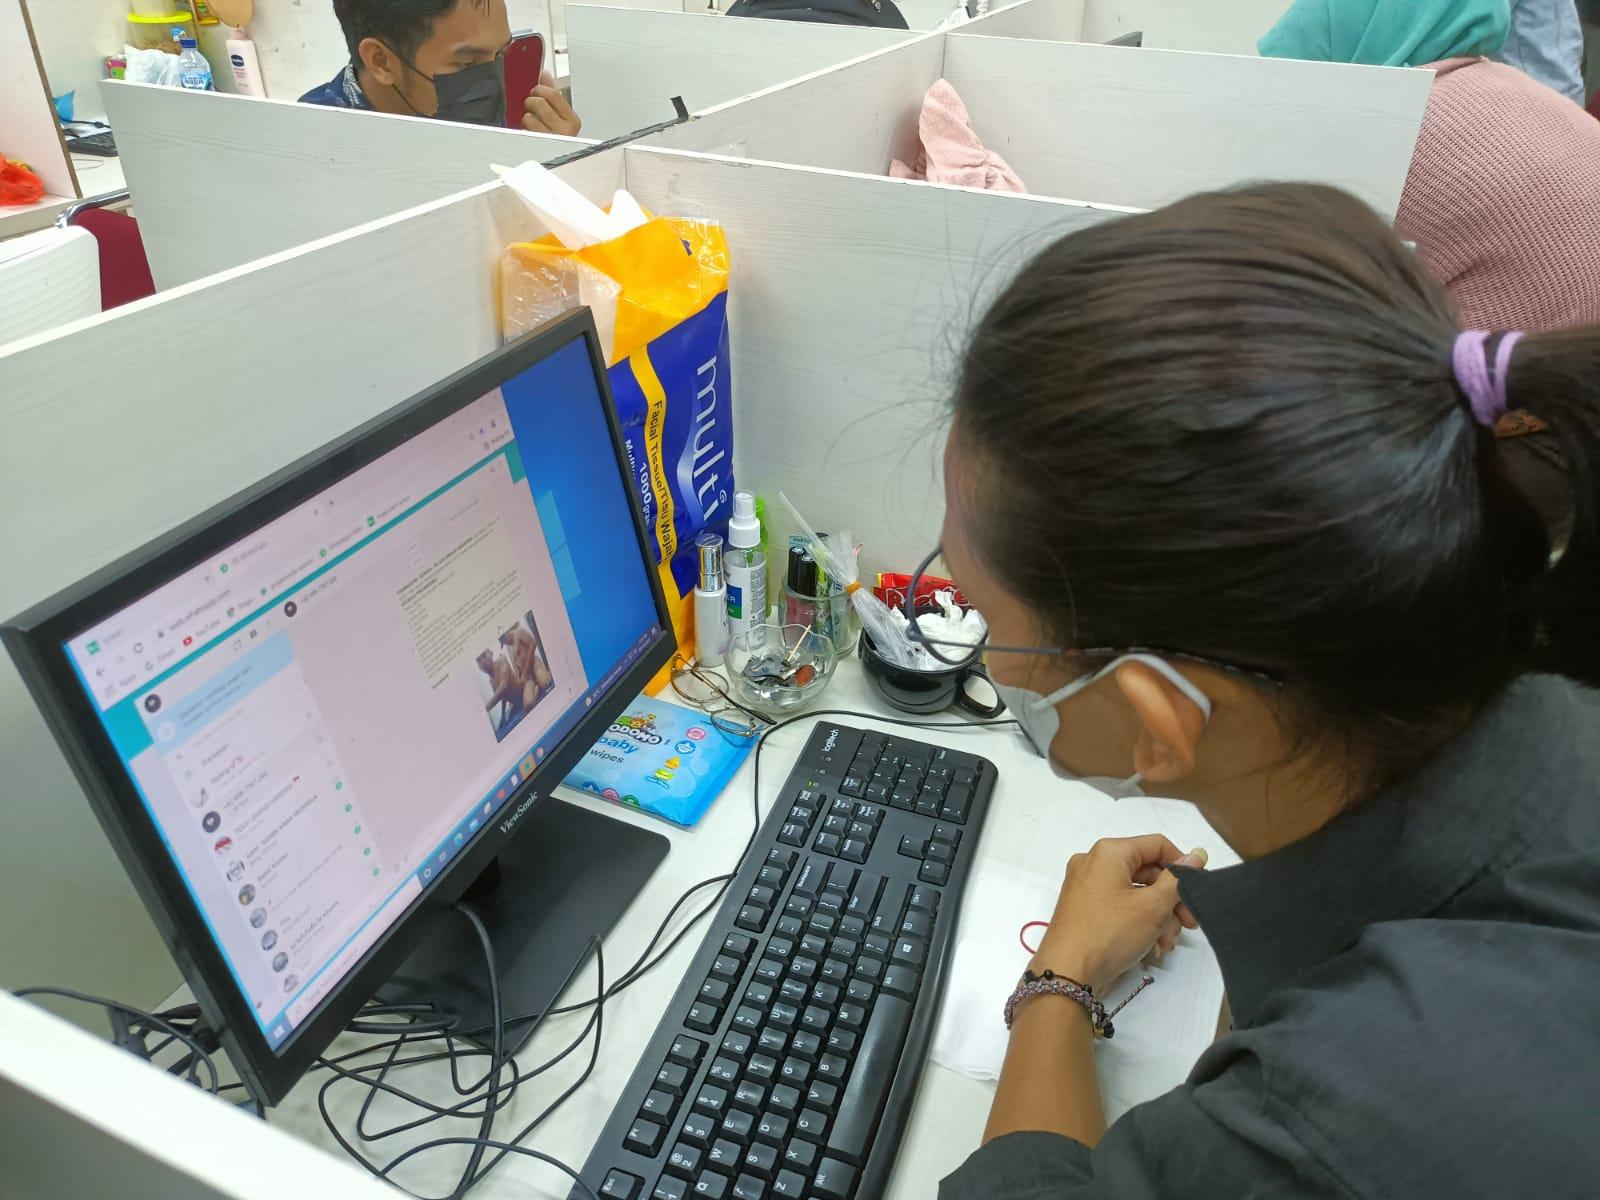 Pekerja pinjol saat mengirimkan gambar pornografi kepada peminjam duit agar membayar tagihannya di rukan pinjol Cipondoh, Kota Tangerang.